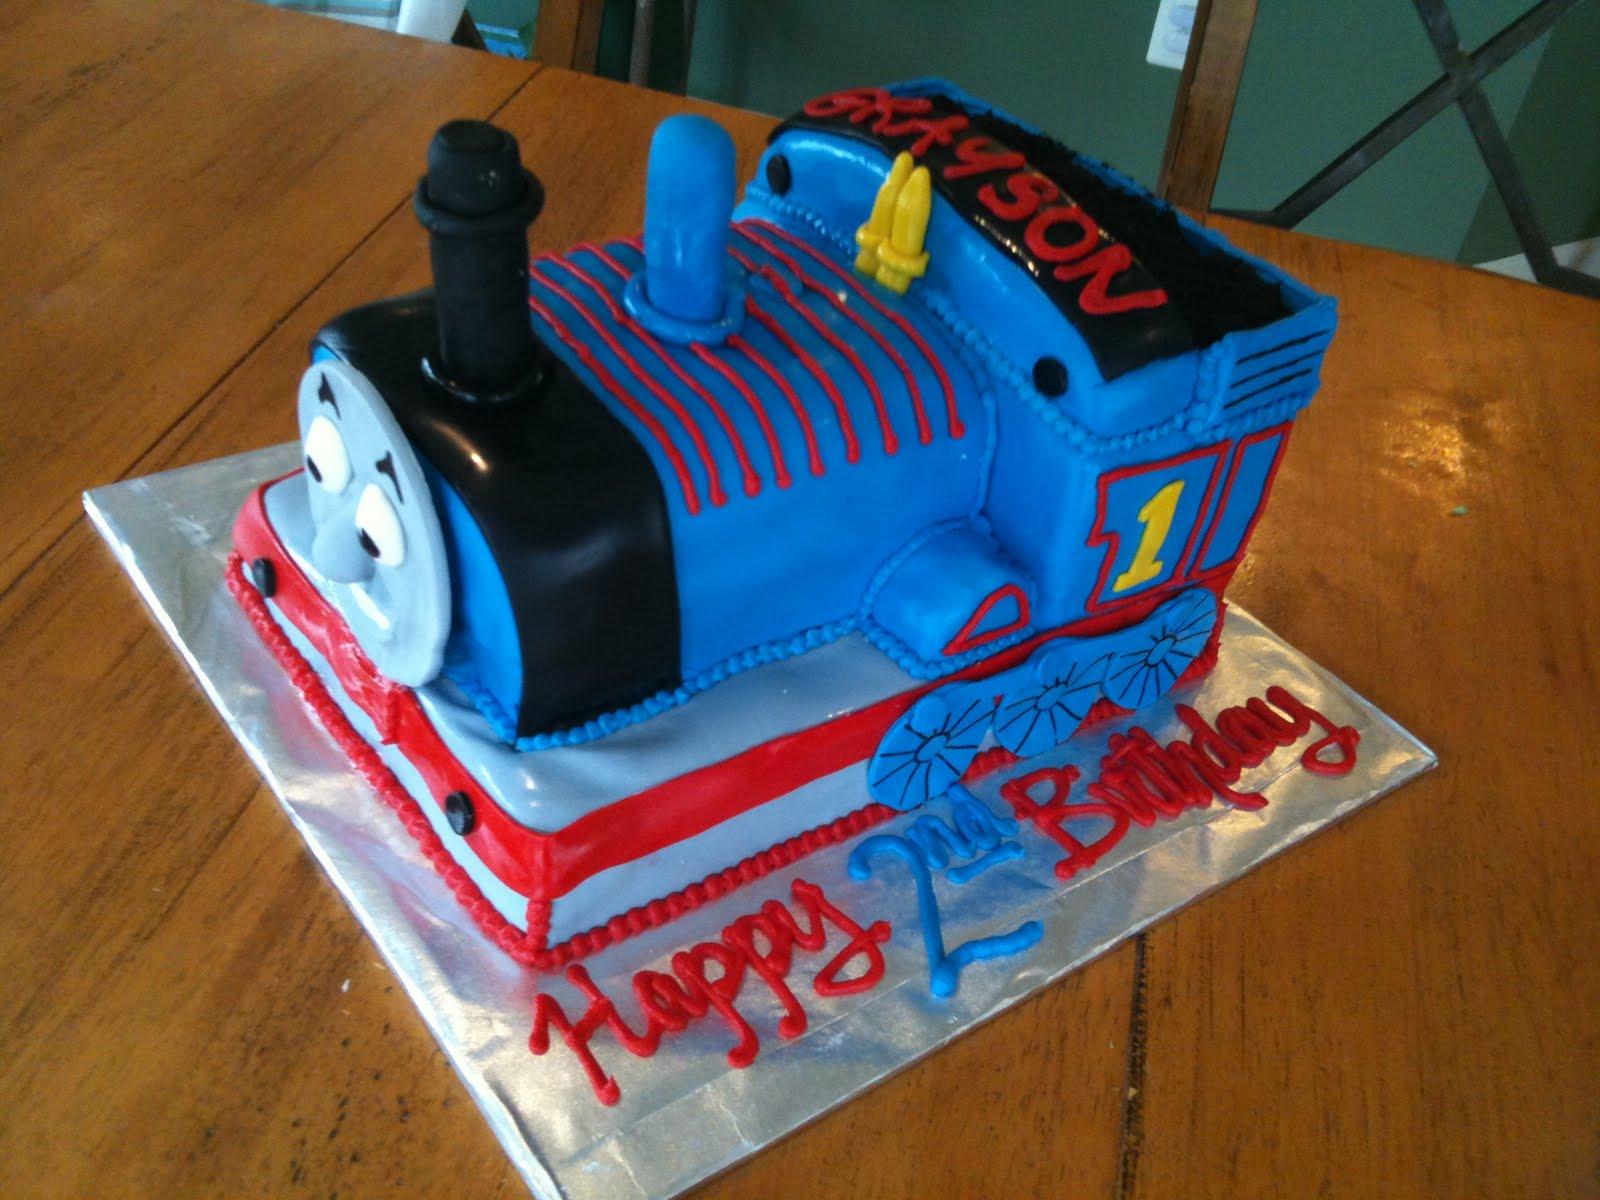 Jillys Takes The Cake Thomas The Train Cake